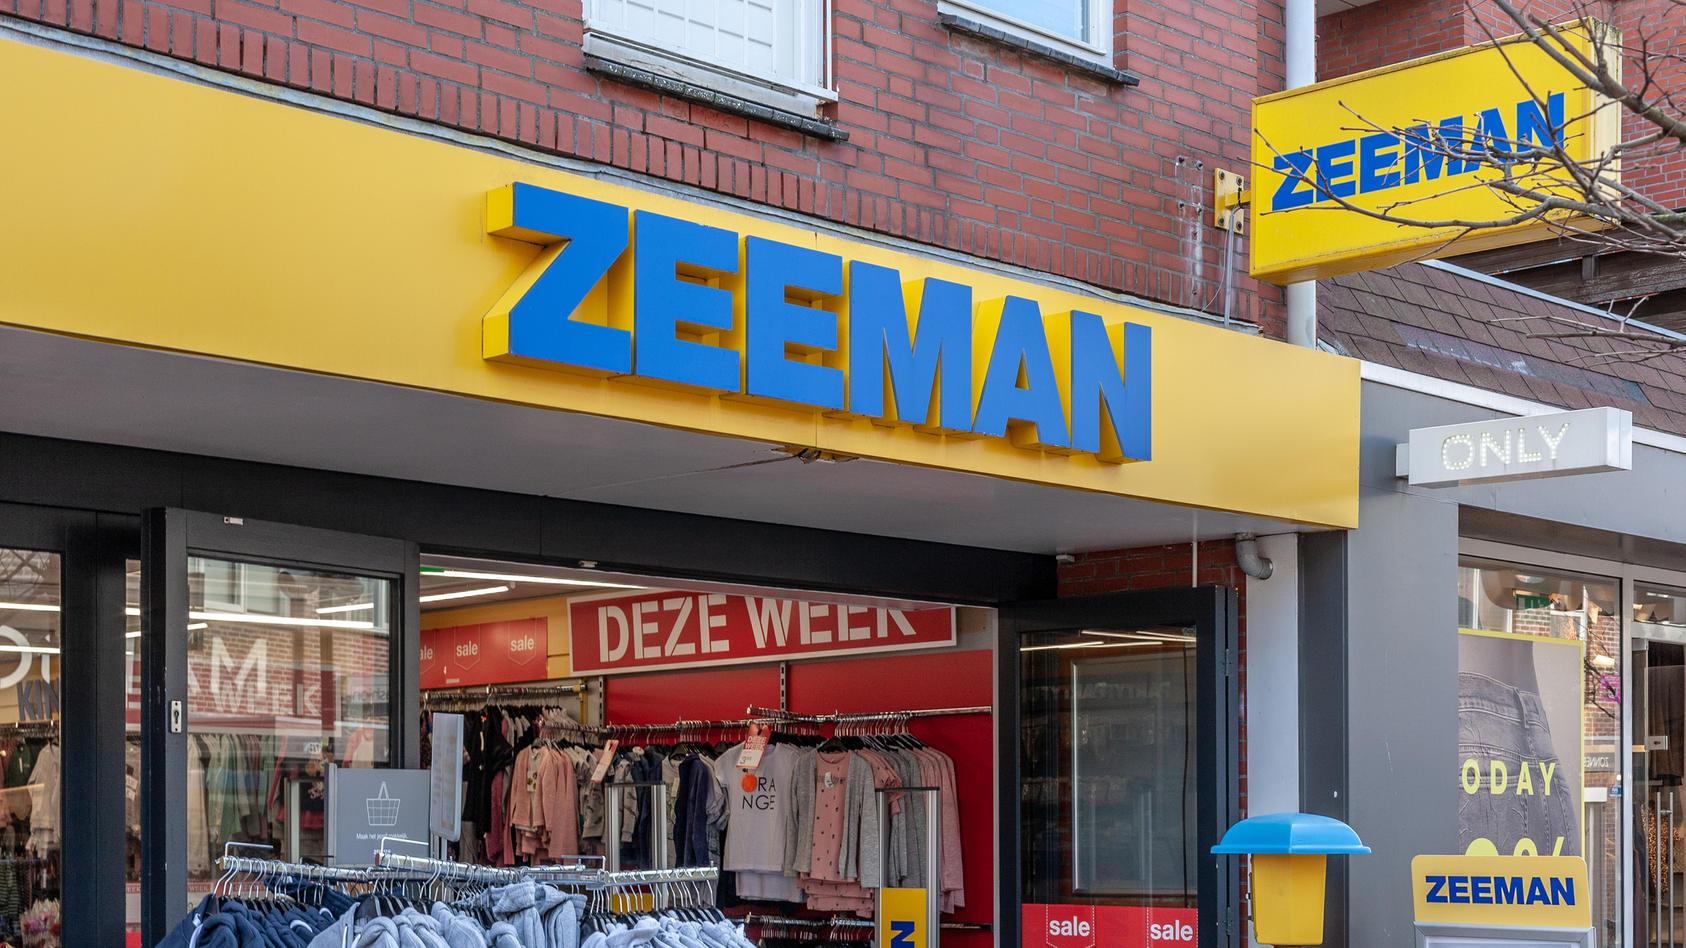 Zeeman ruft Schlafsäcke für Babys zurück. Es besteht Erstickungsgefahr.